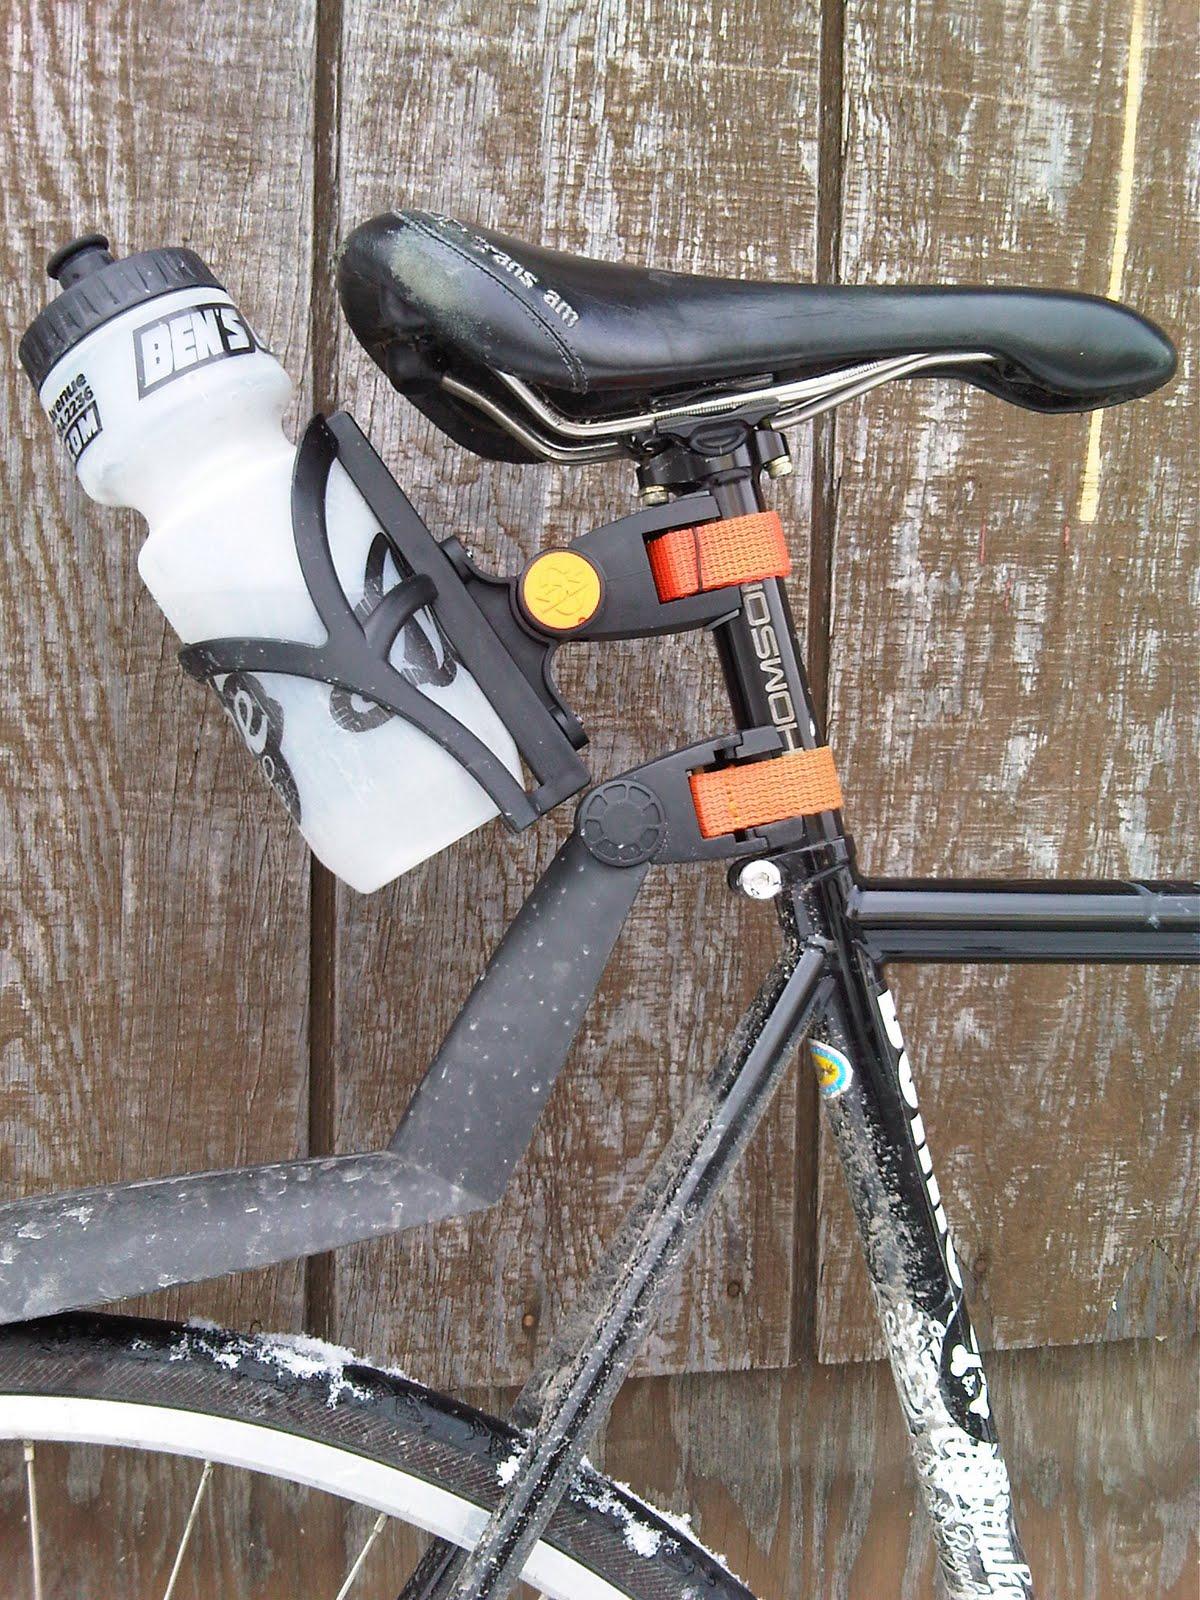 SKS Bottle Holder Adapter Attachment Triathlon Shop New Triathlon